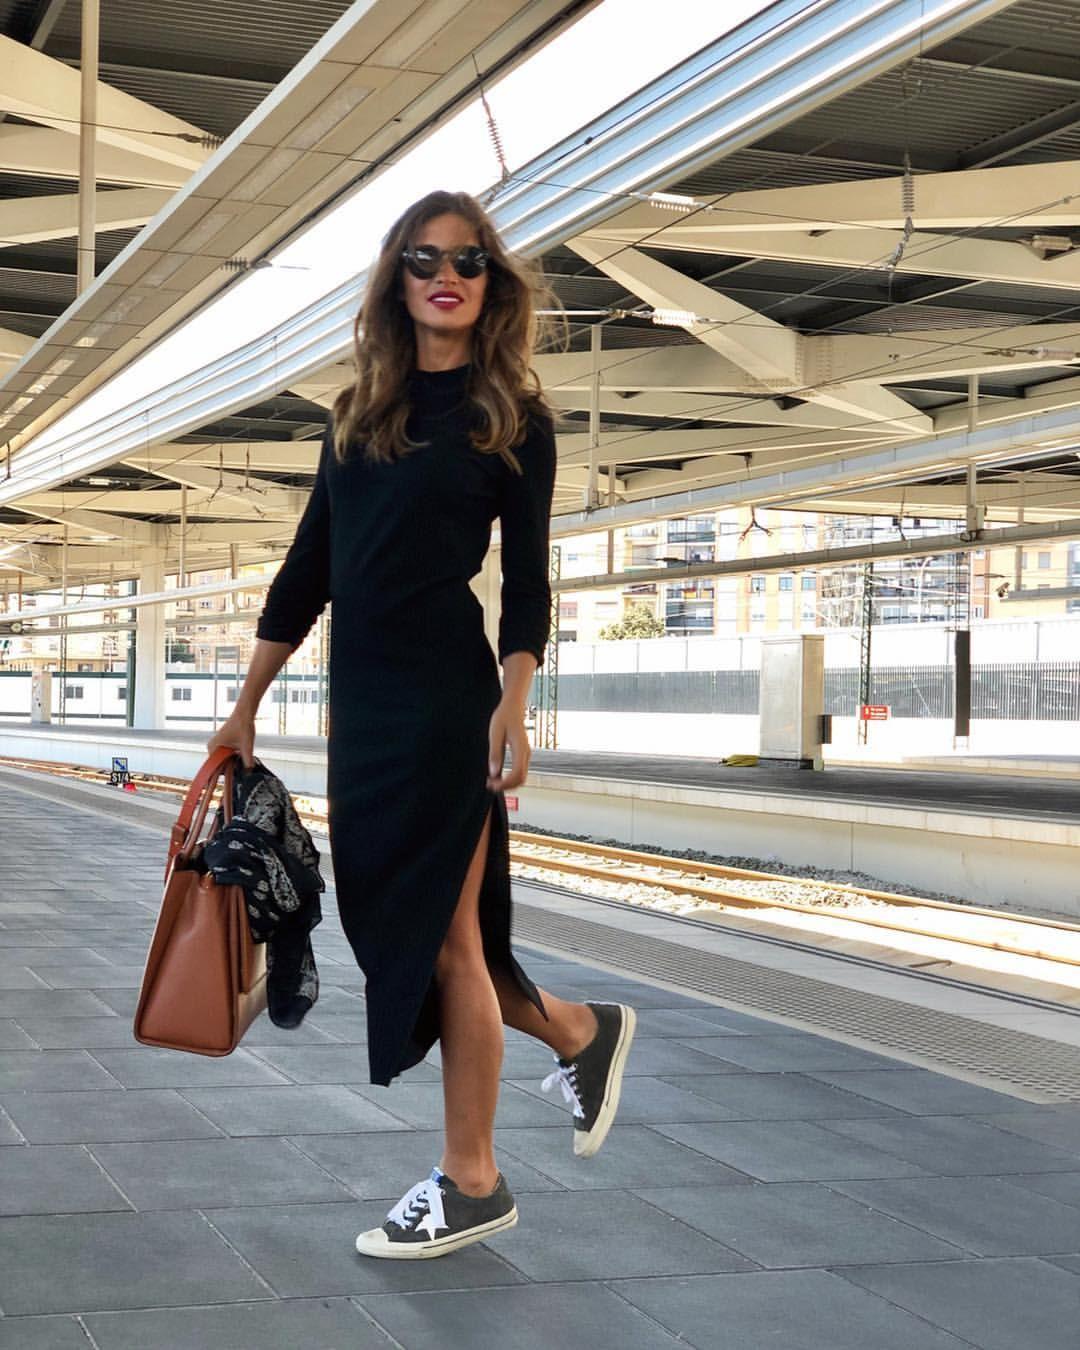 Alta Velocidad Deaquíparaallá Muévete Viajarentrenesdelomejor Grabandocositas Outfits Tenis Outfits Vestidos Fashion Clothes Women